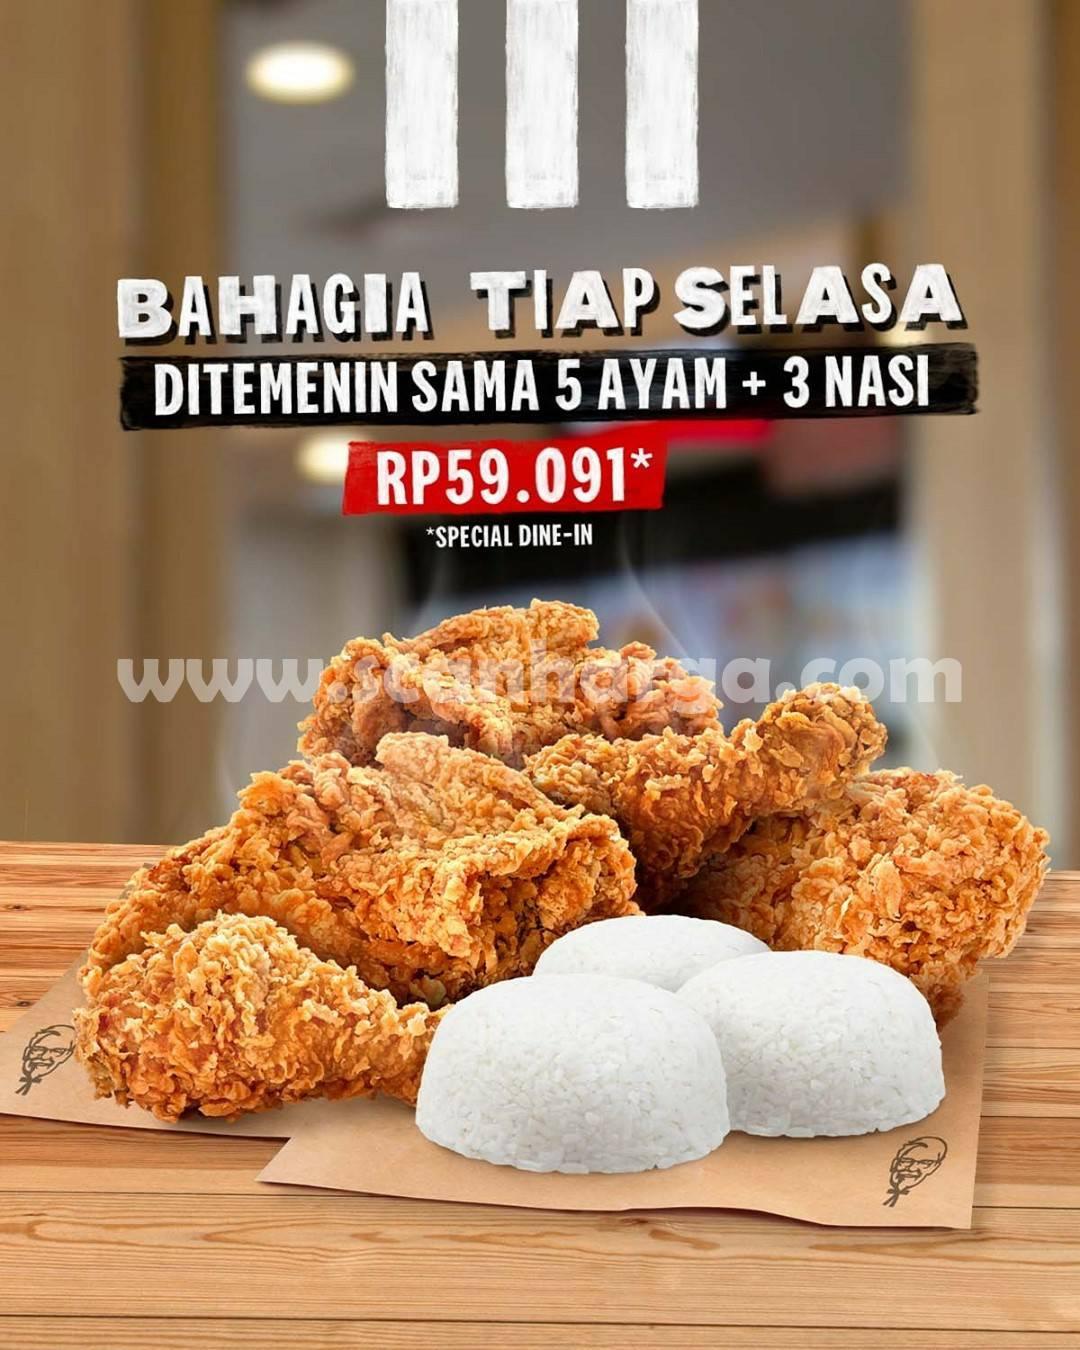 Promo KFC Bahagia Tiap Selasa – Beli Paket 5 Ayam + 3 Nasi harga mulai Rp. 59.091